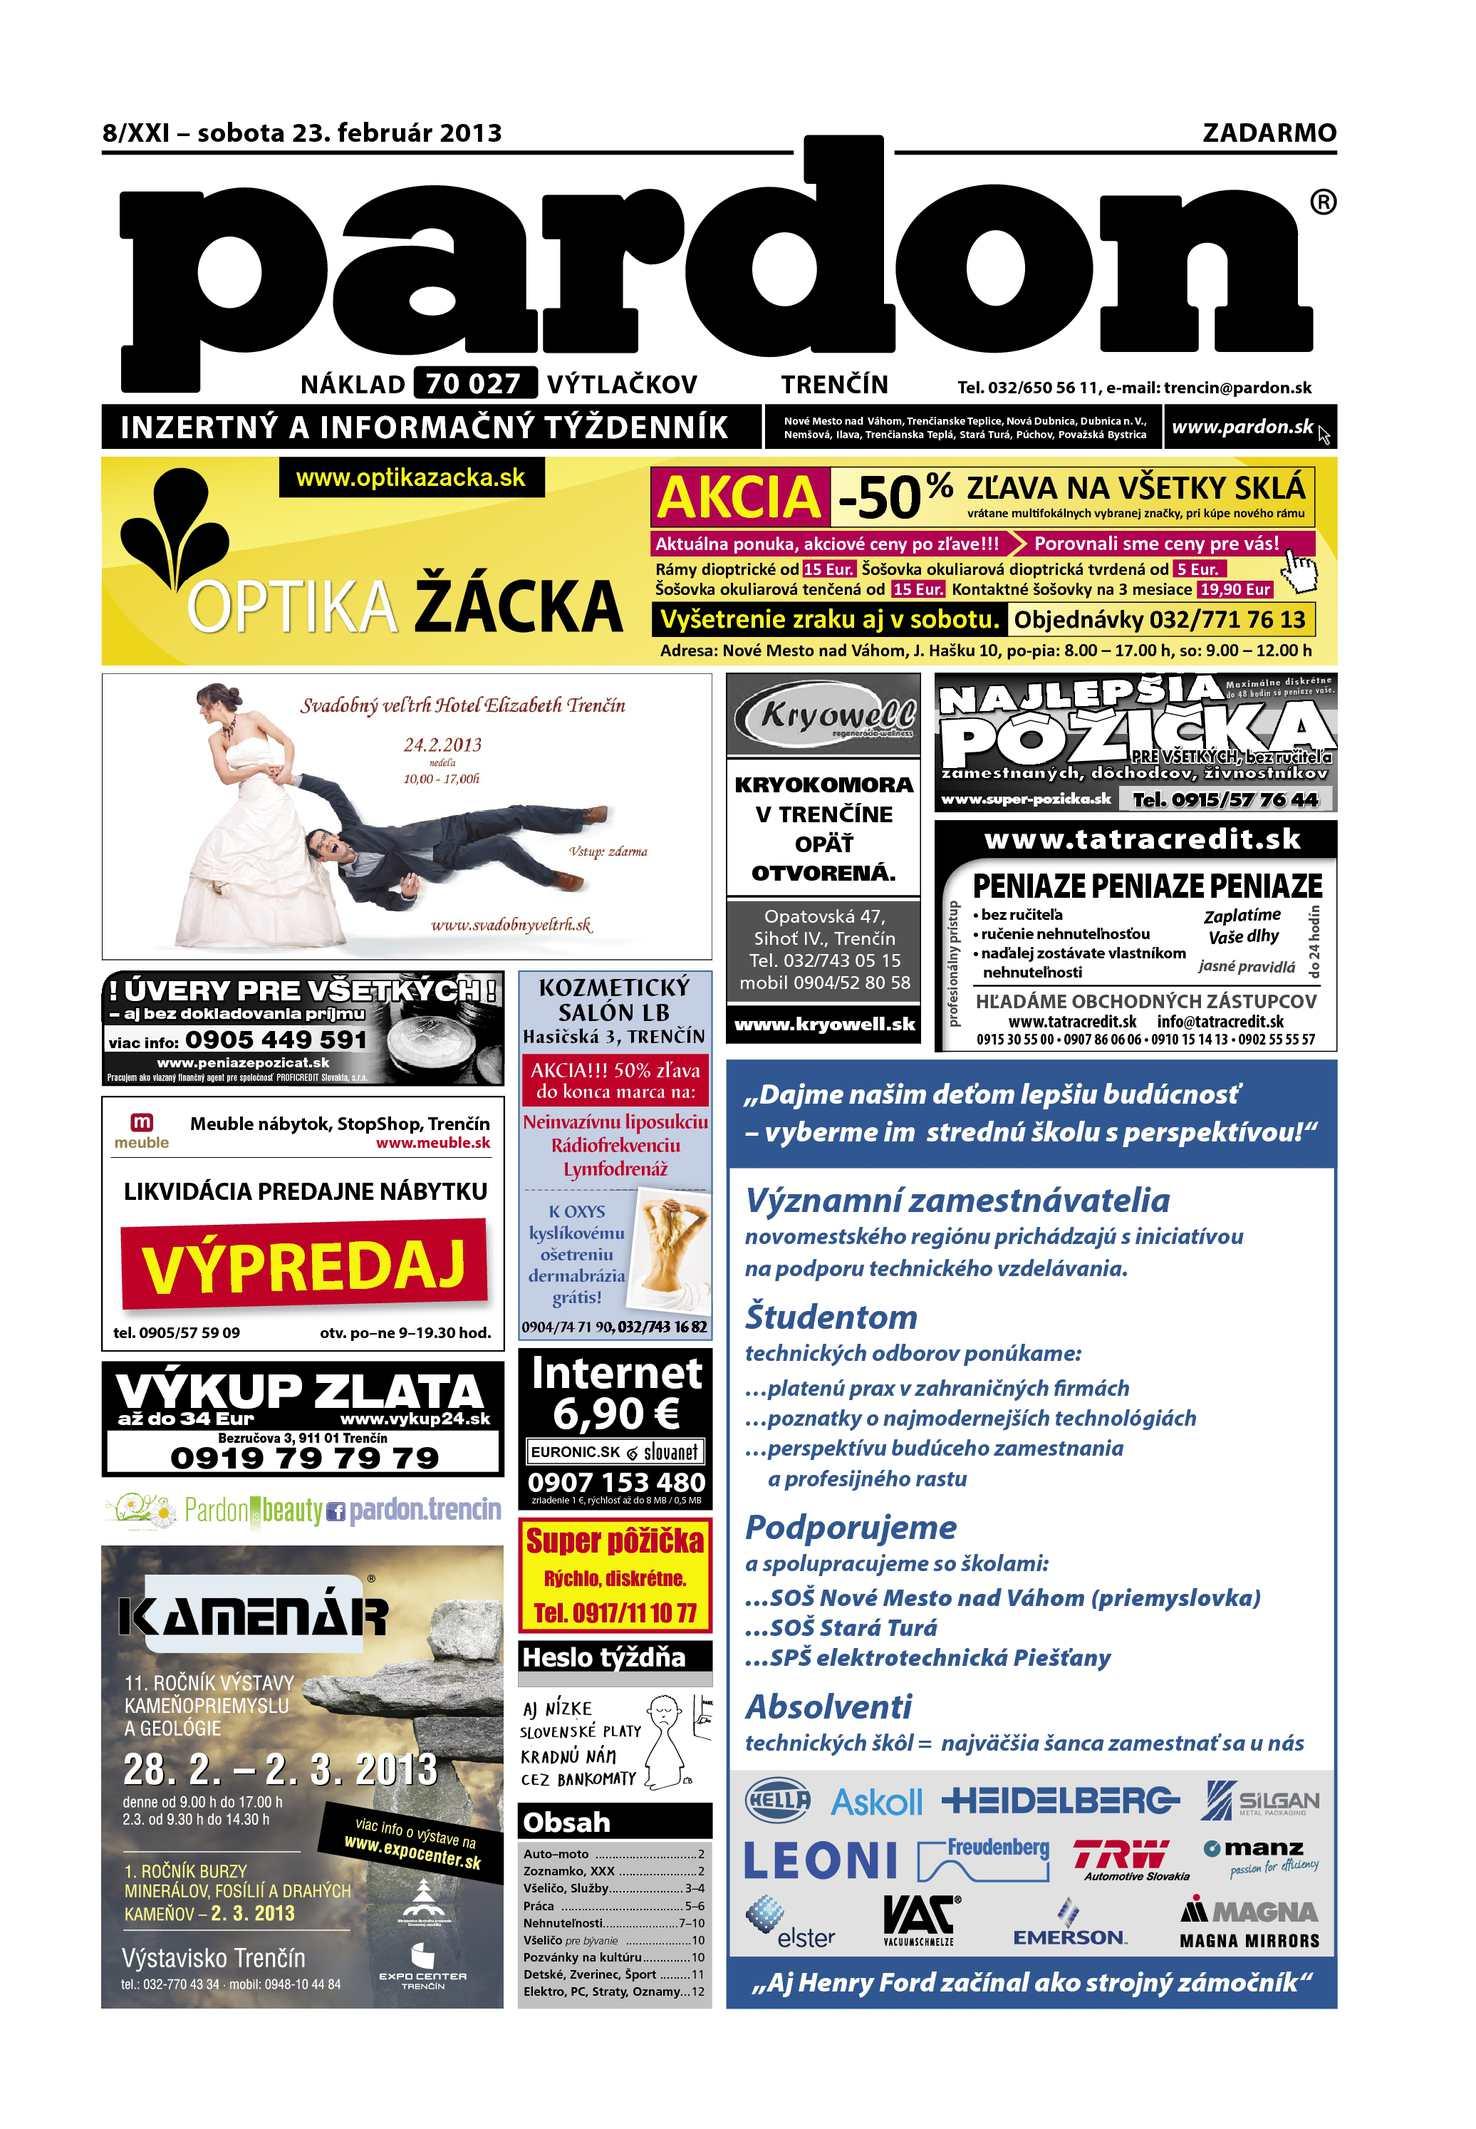 Prima Zoznamka titulky stránok